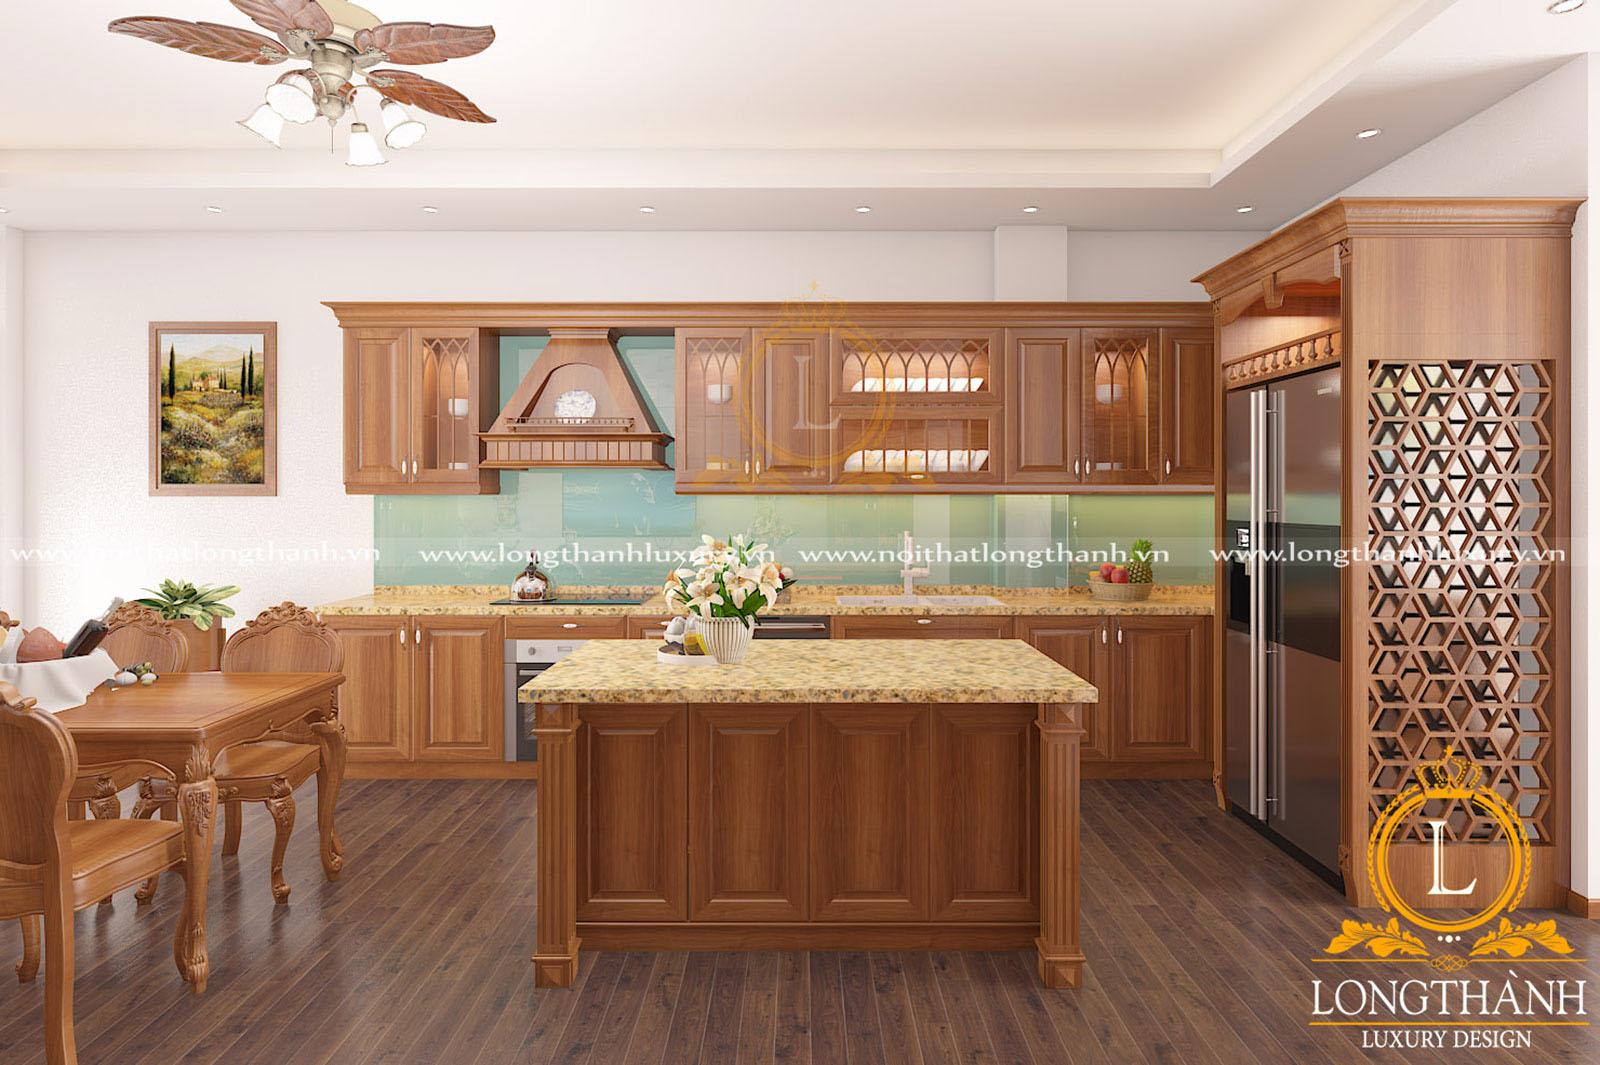 Mẫu tủ bếp gỗ Gõ cho nhà phố hẹp kết hợp bàn đảo tiện lợi